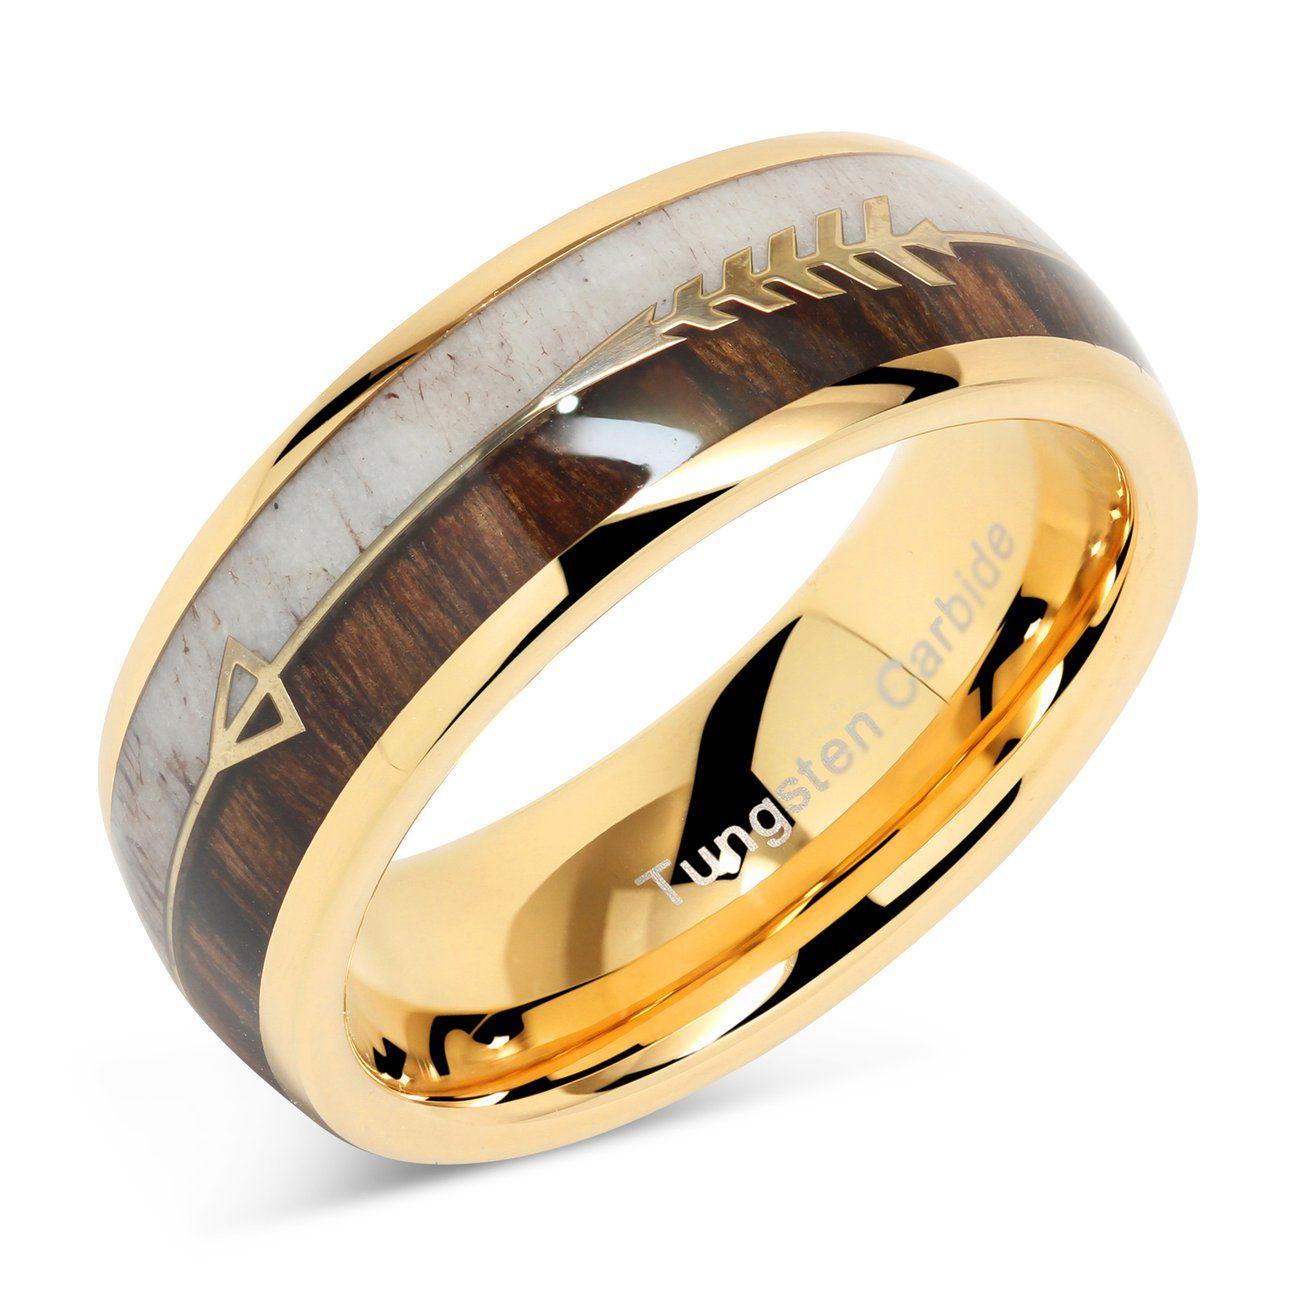 Tungsten Ring for Men Wedding Band Deer Antler Koa Wood